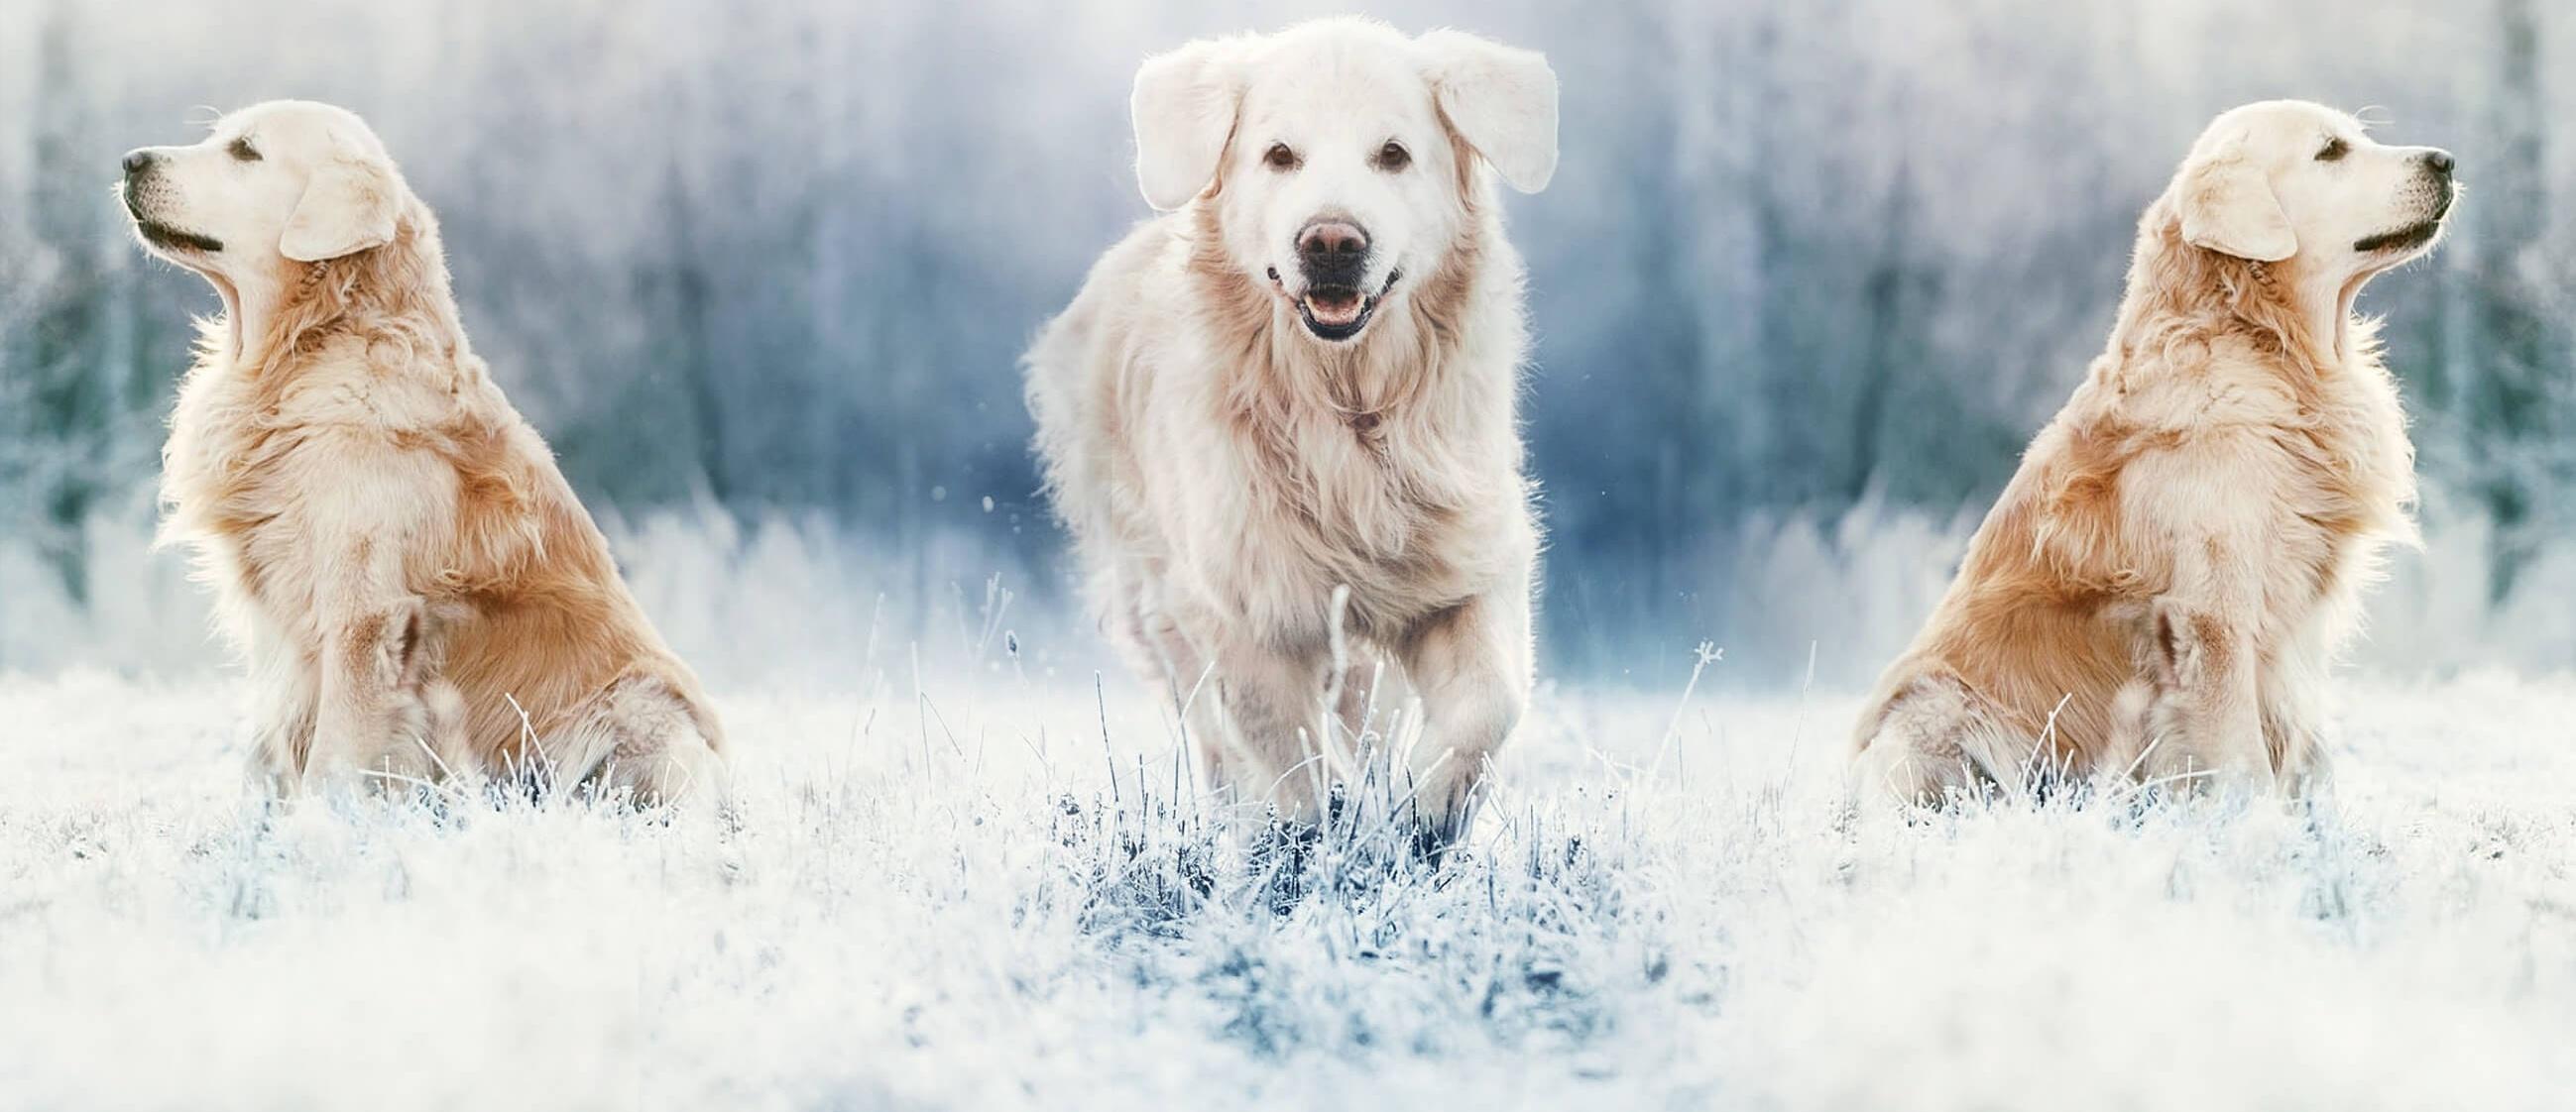 HomePagePic-dogs-bs-tp-490731-edited.jpg